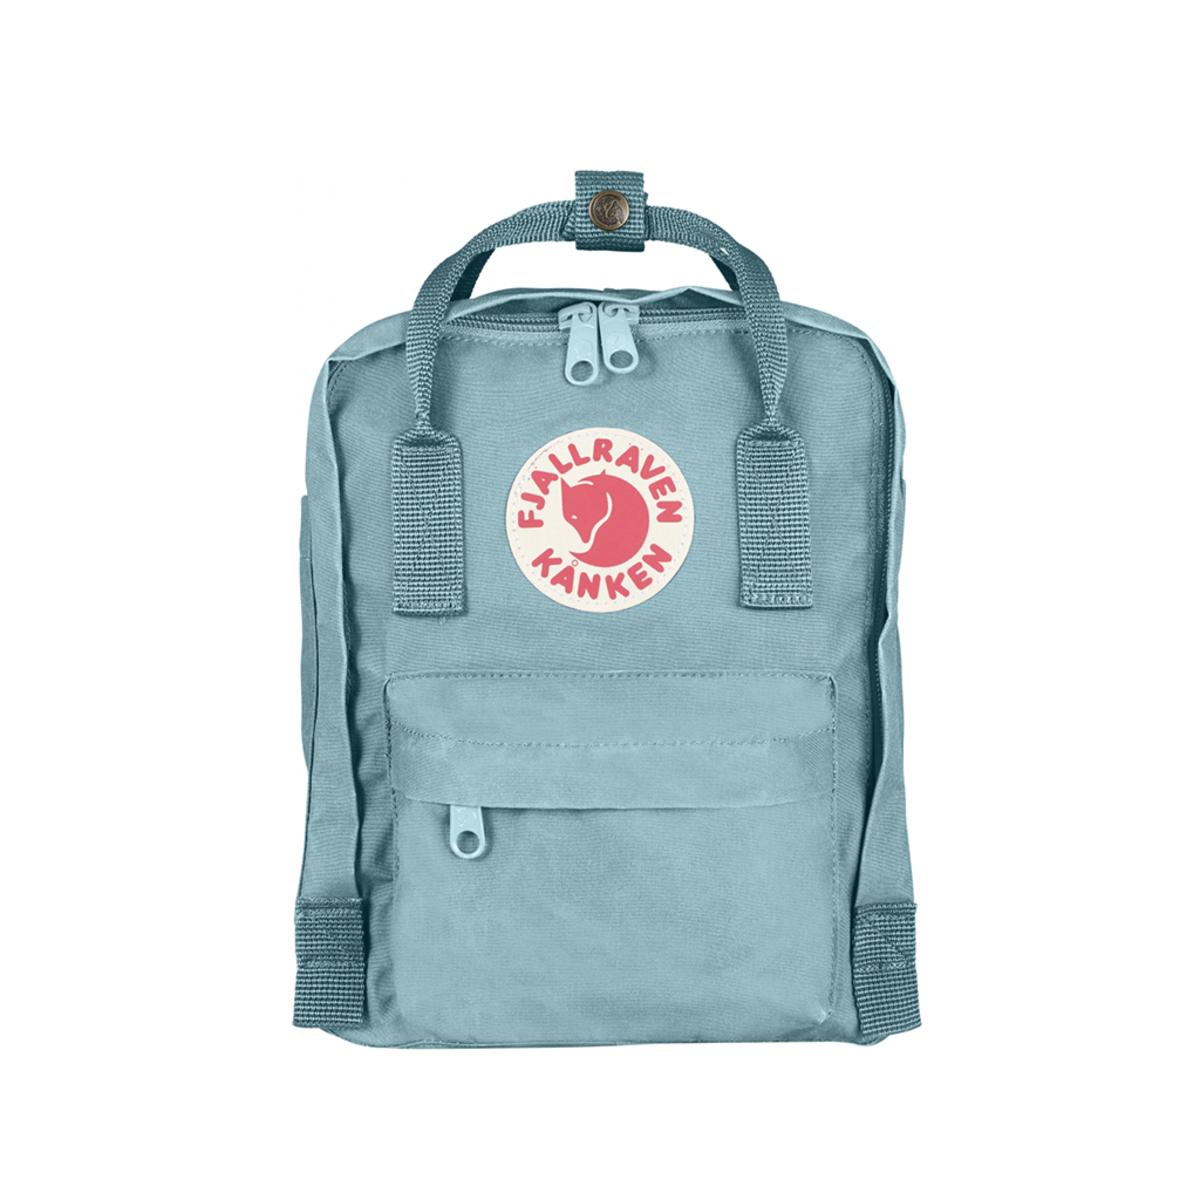 ├登山樂┤瑞典Fjallraven Kanken Mini 復古後背包 方型書包-天空藍 # F23561-501